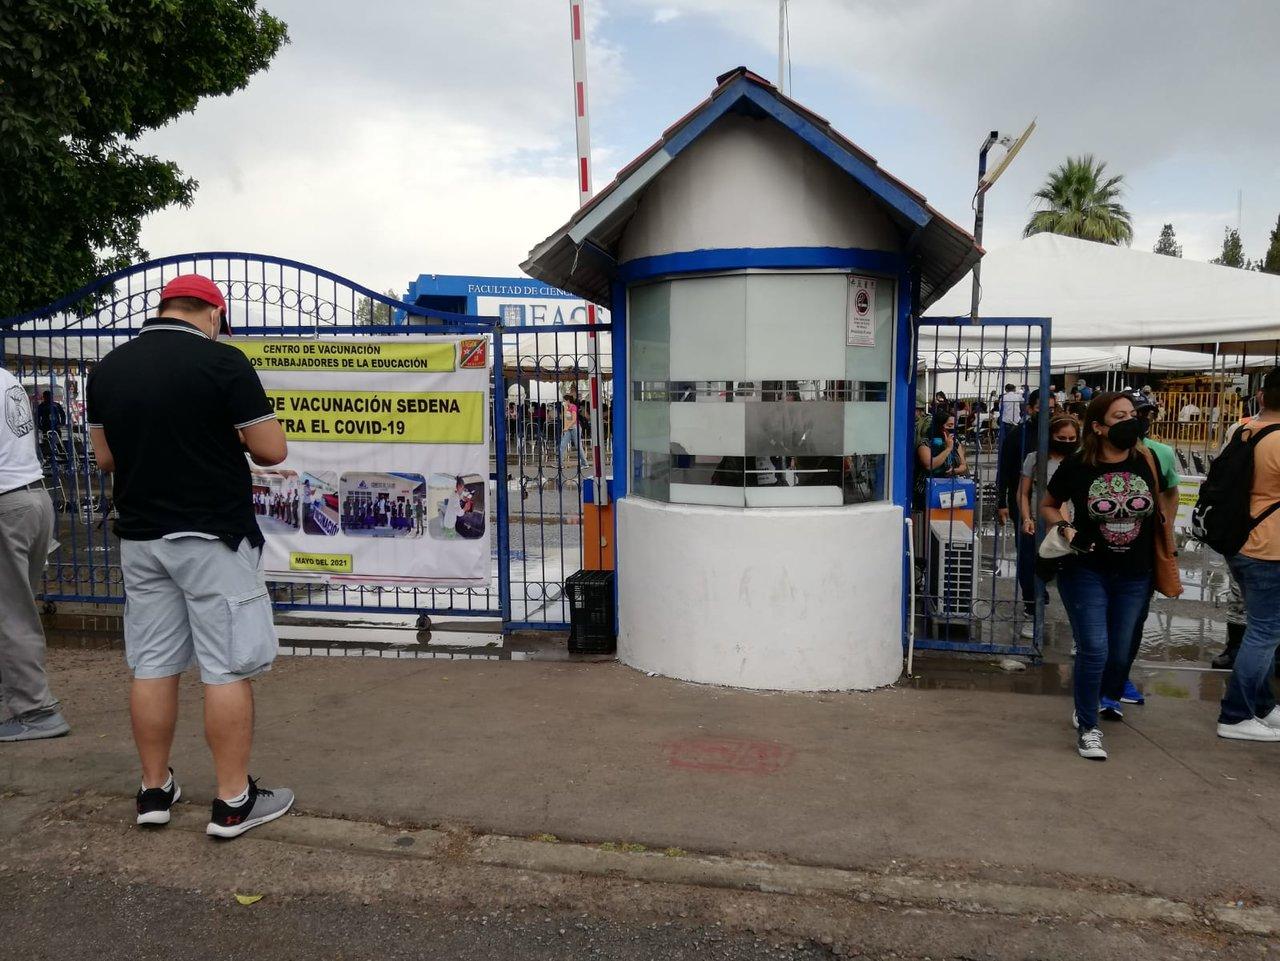 Lluvia no para jornada de vacunación antiCOVID en Gómez Palacio